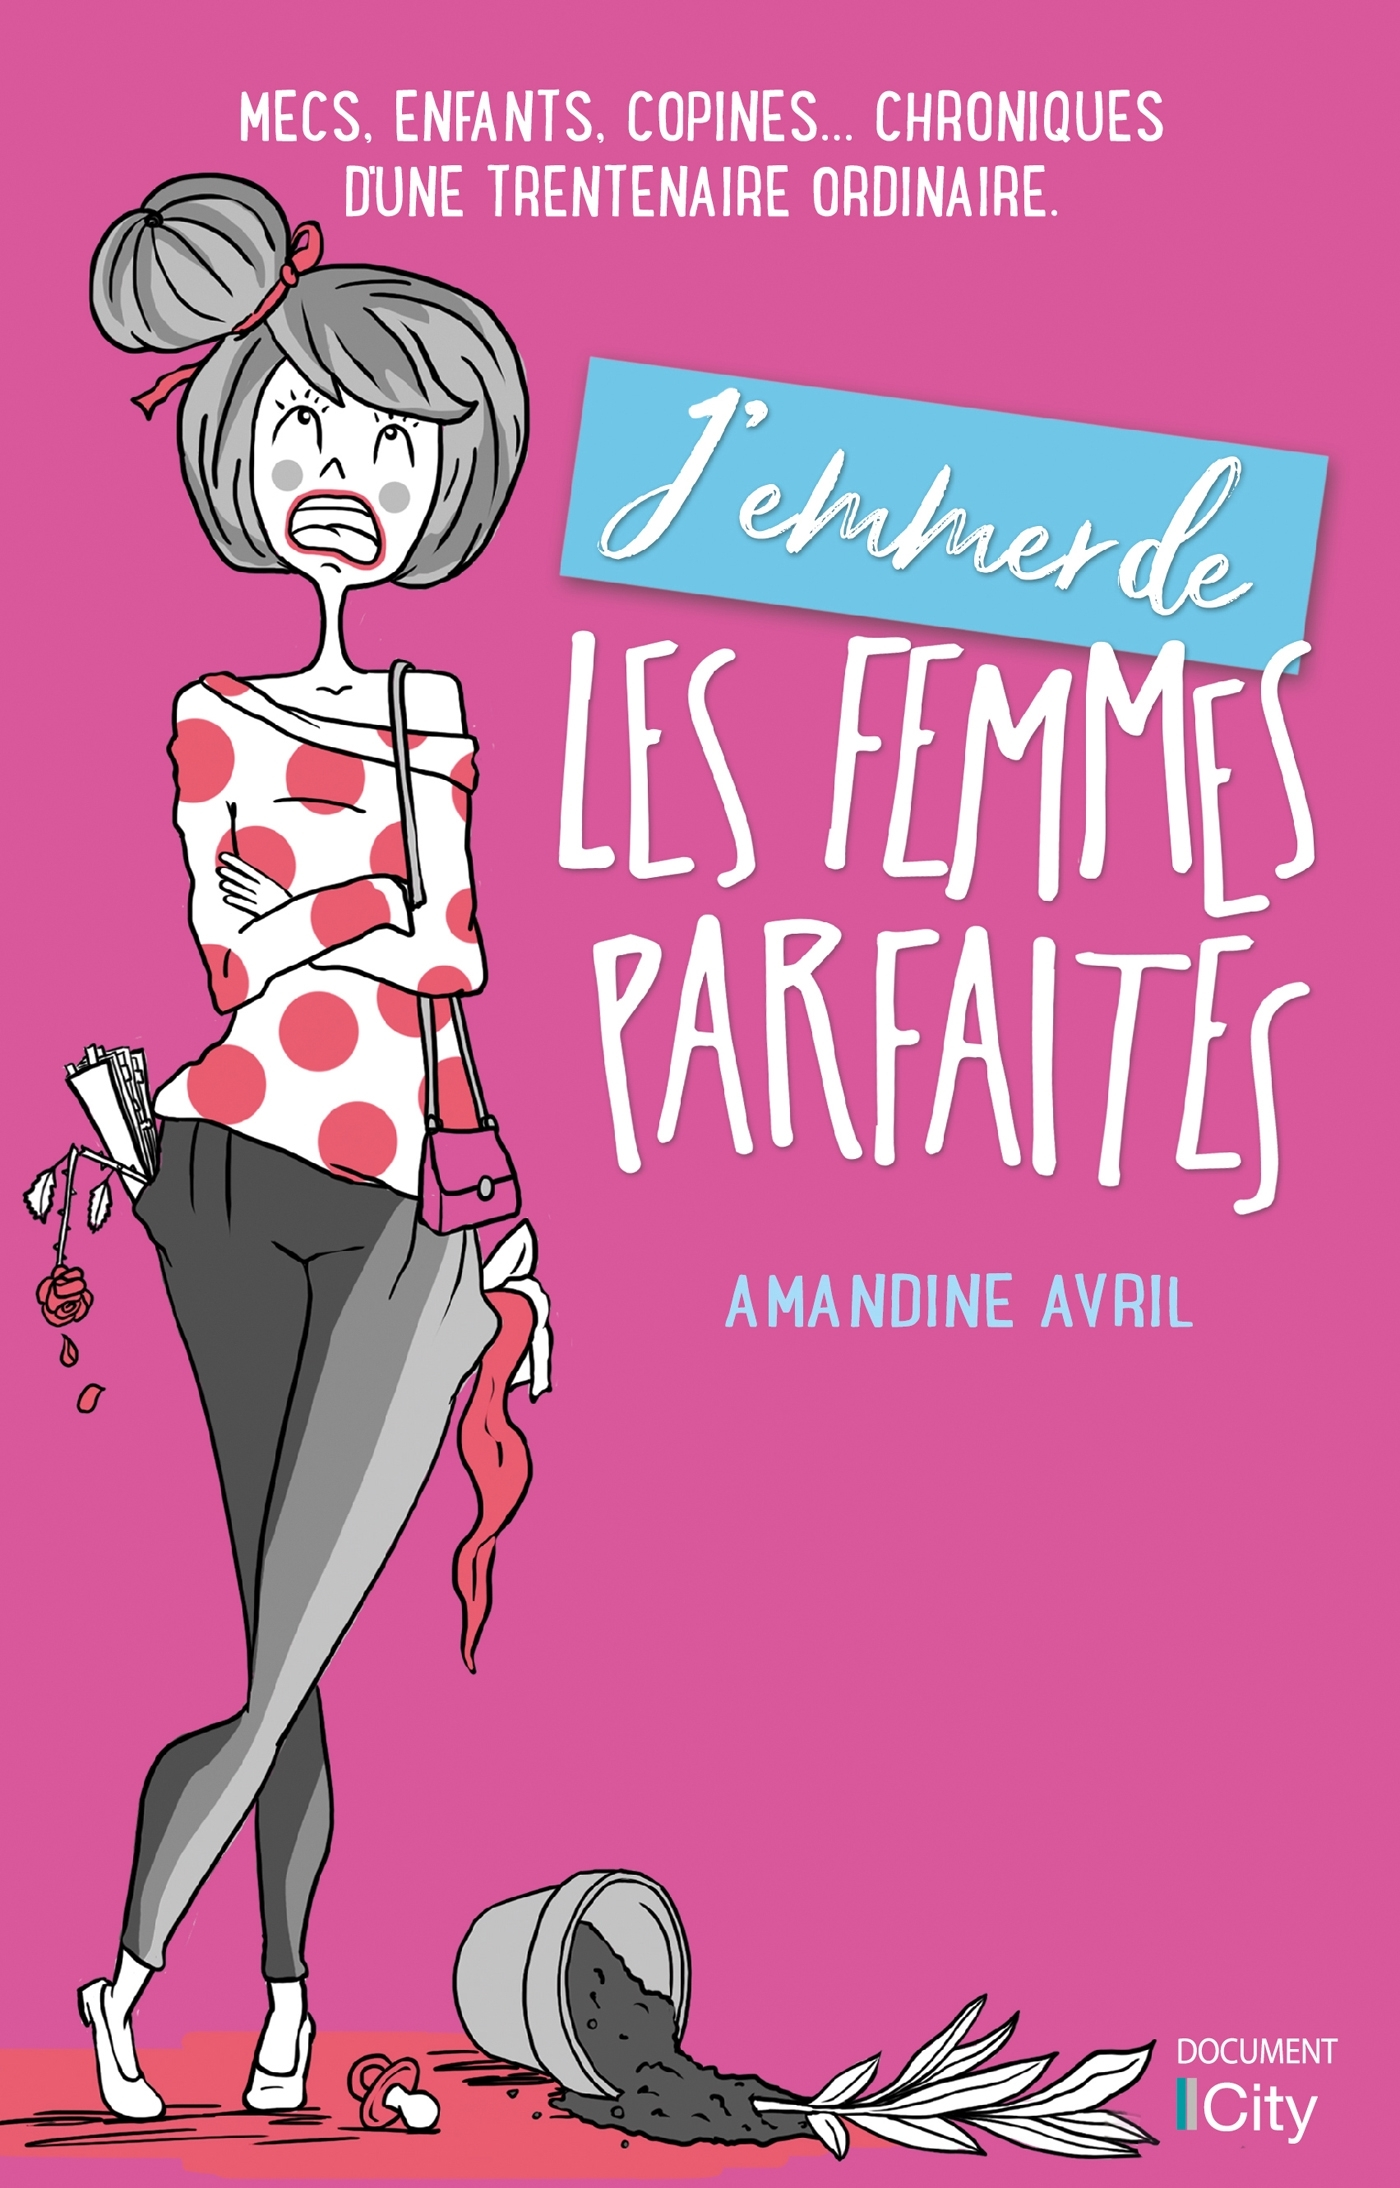 J'EMMERDE LES FEMMES PARFAITES !